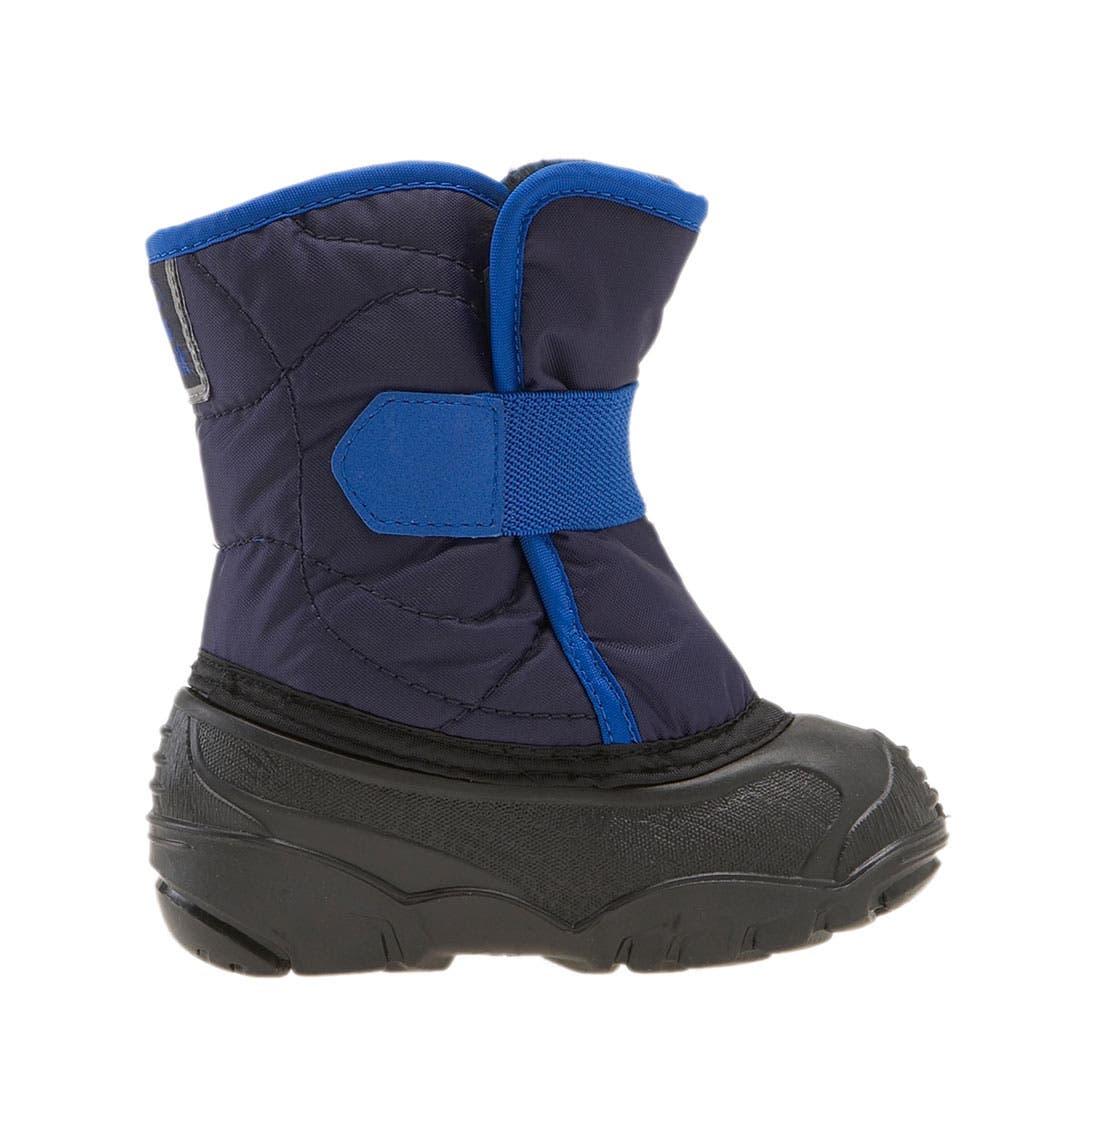 Alternate Image 2  - Kamik 'Snowbug' Waterproof Boot (Walker & Toddler)